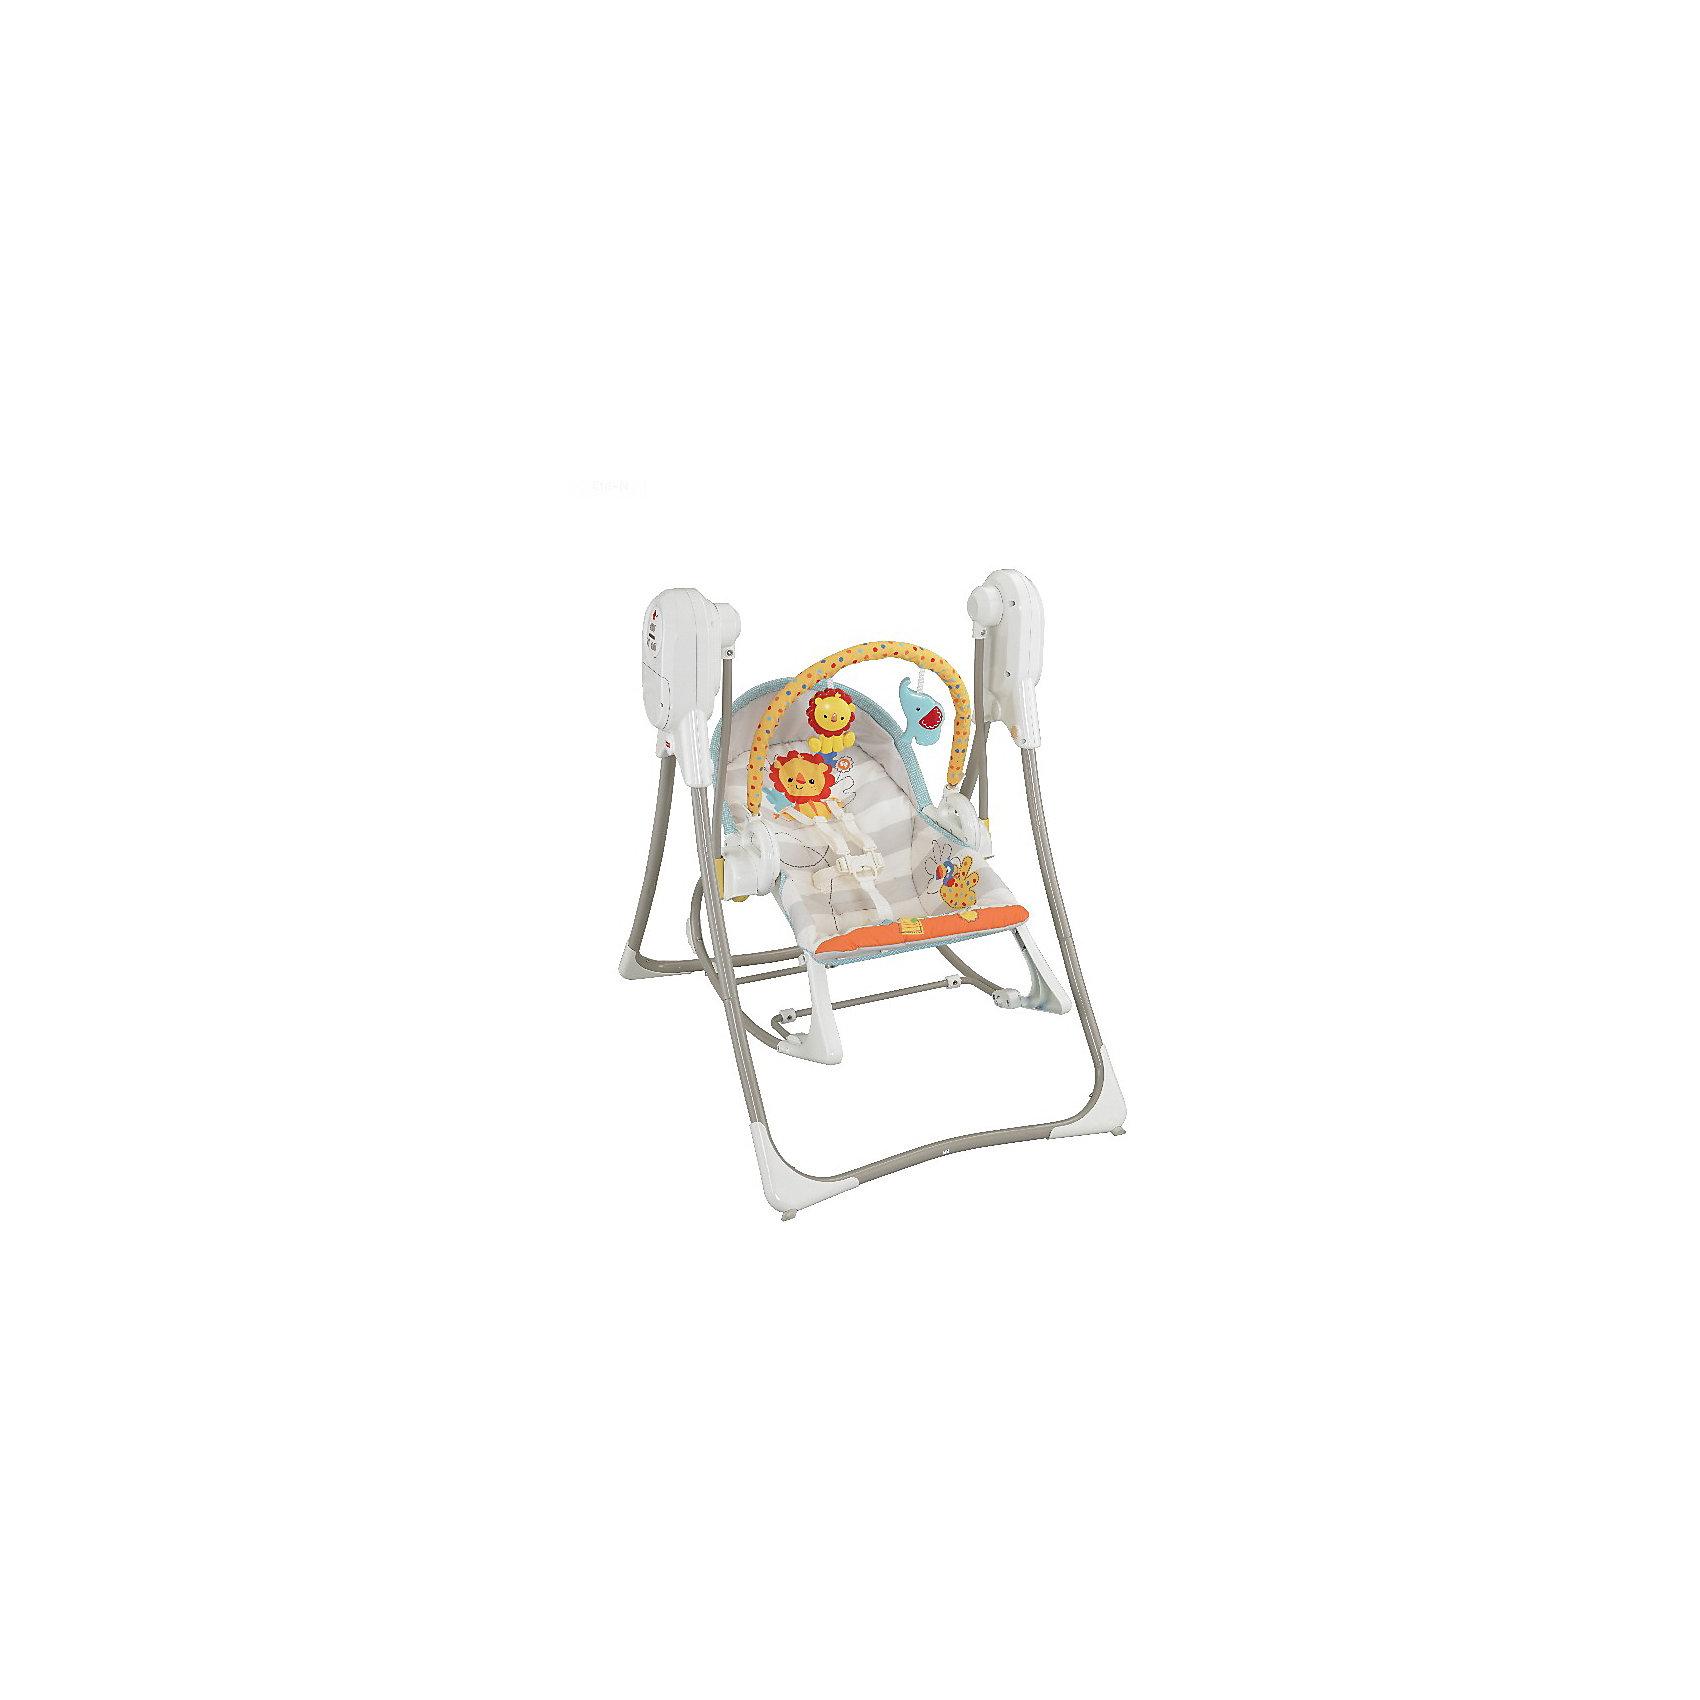 Кресло-качалка 3-в-1 Слоненок и львенок, Fisher-Price